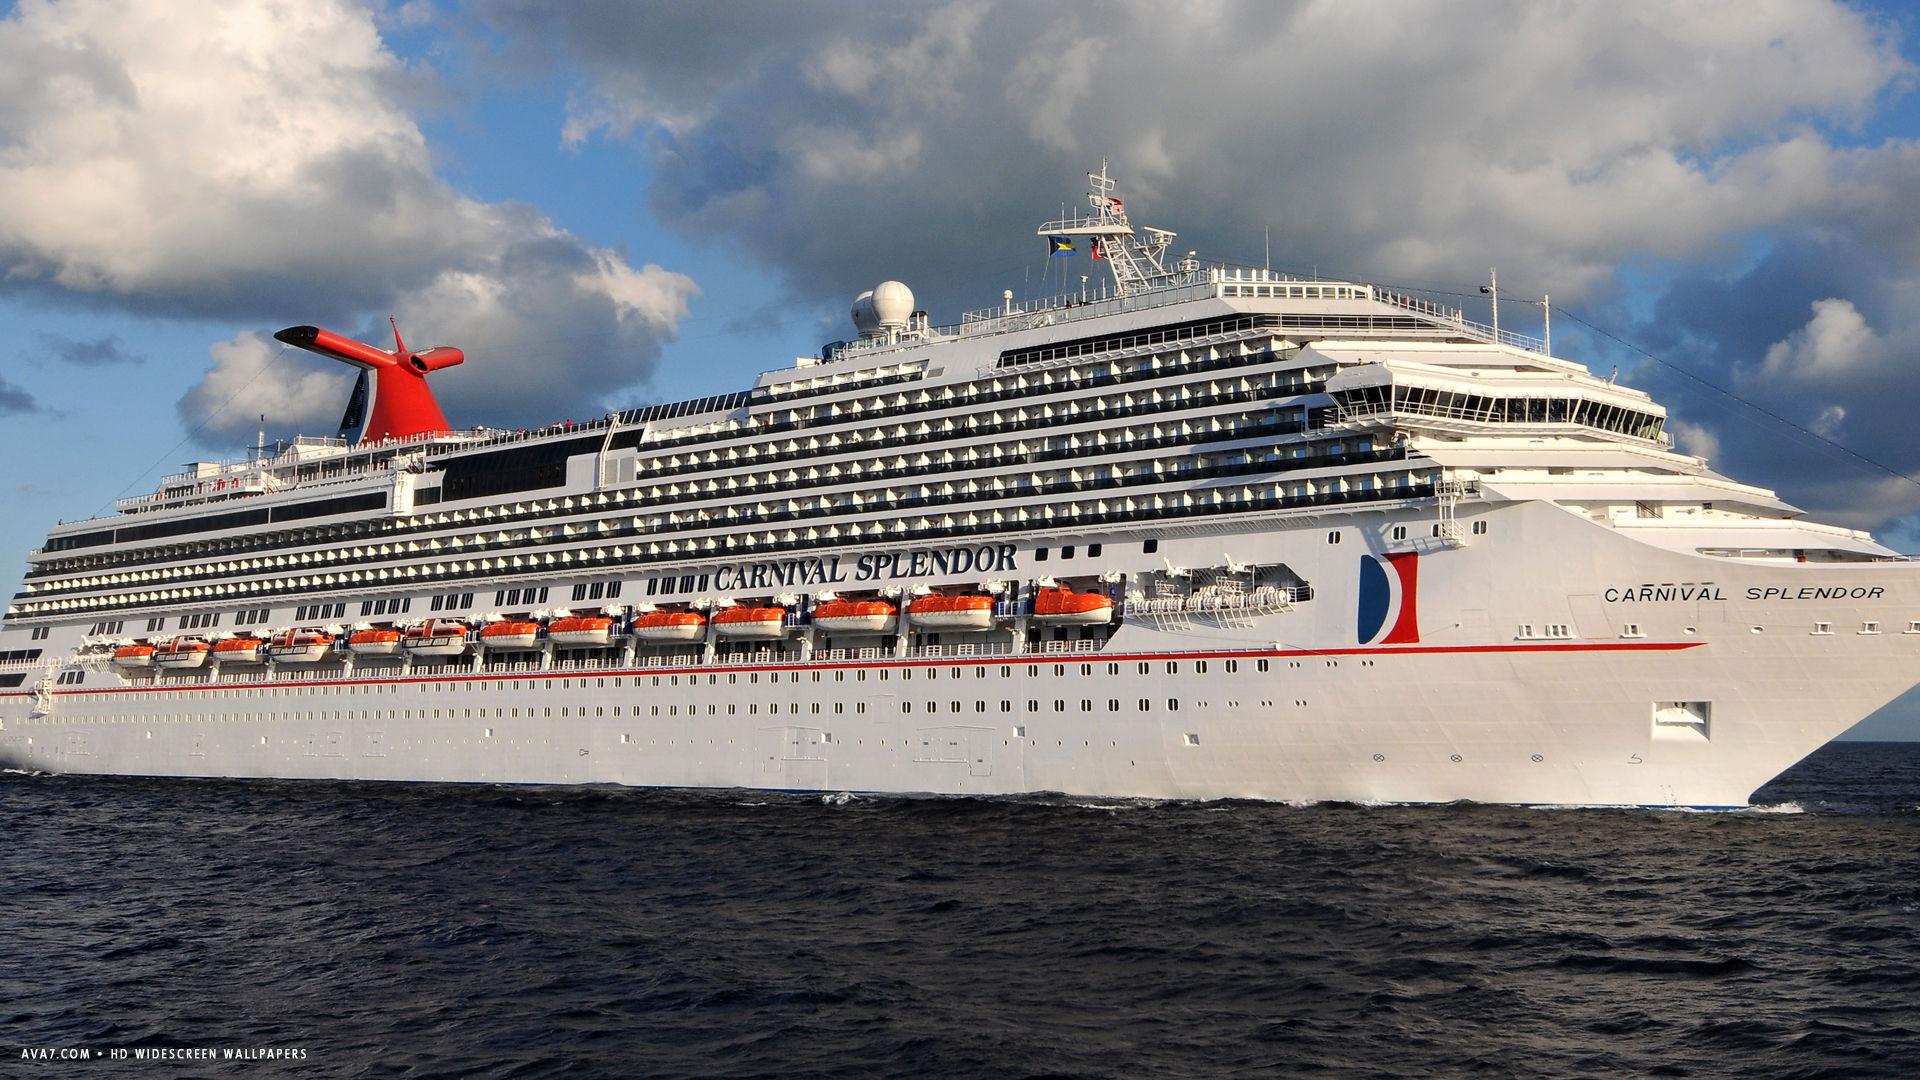 cruise ship hd widescreen wallpaper cruise ships backgrounds 1920x1080